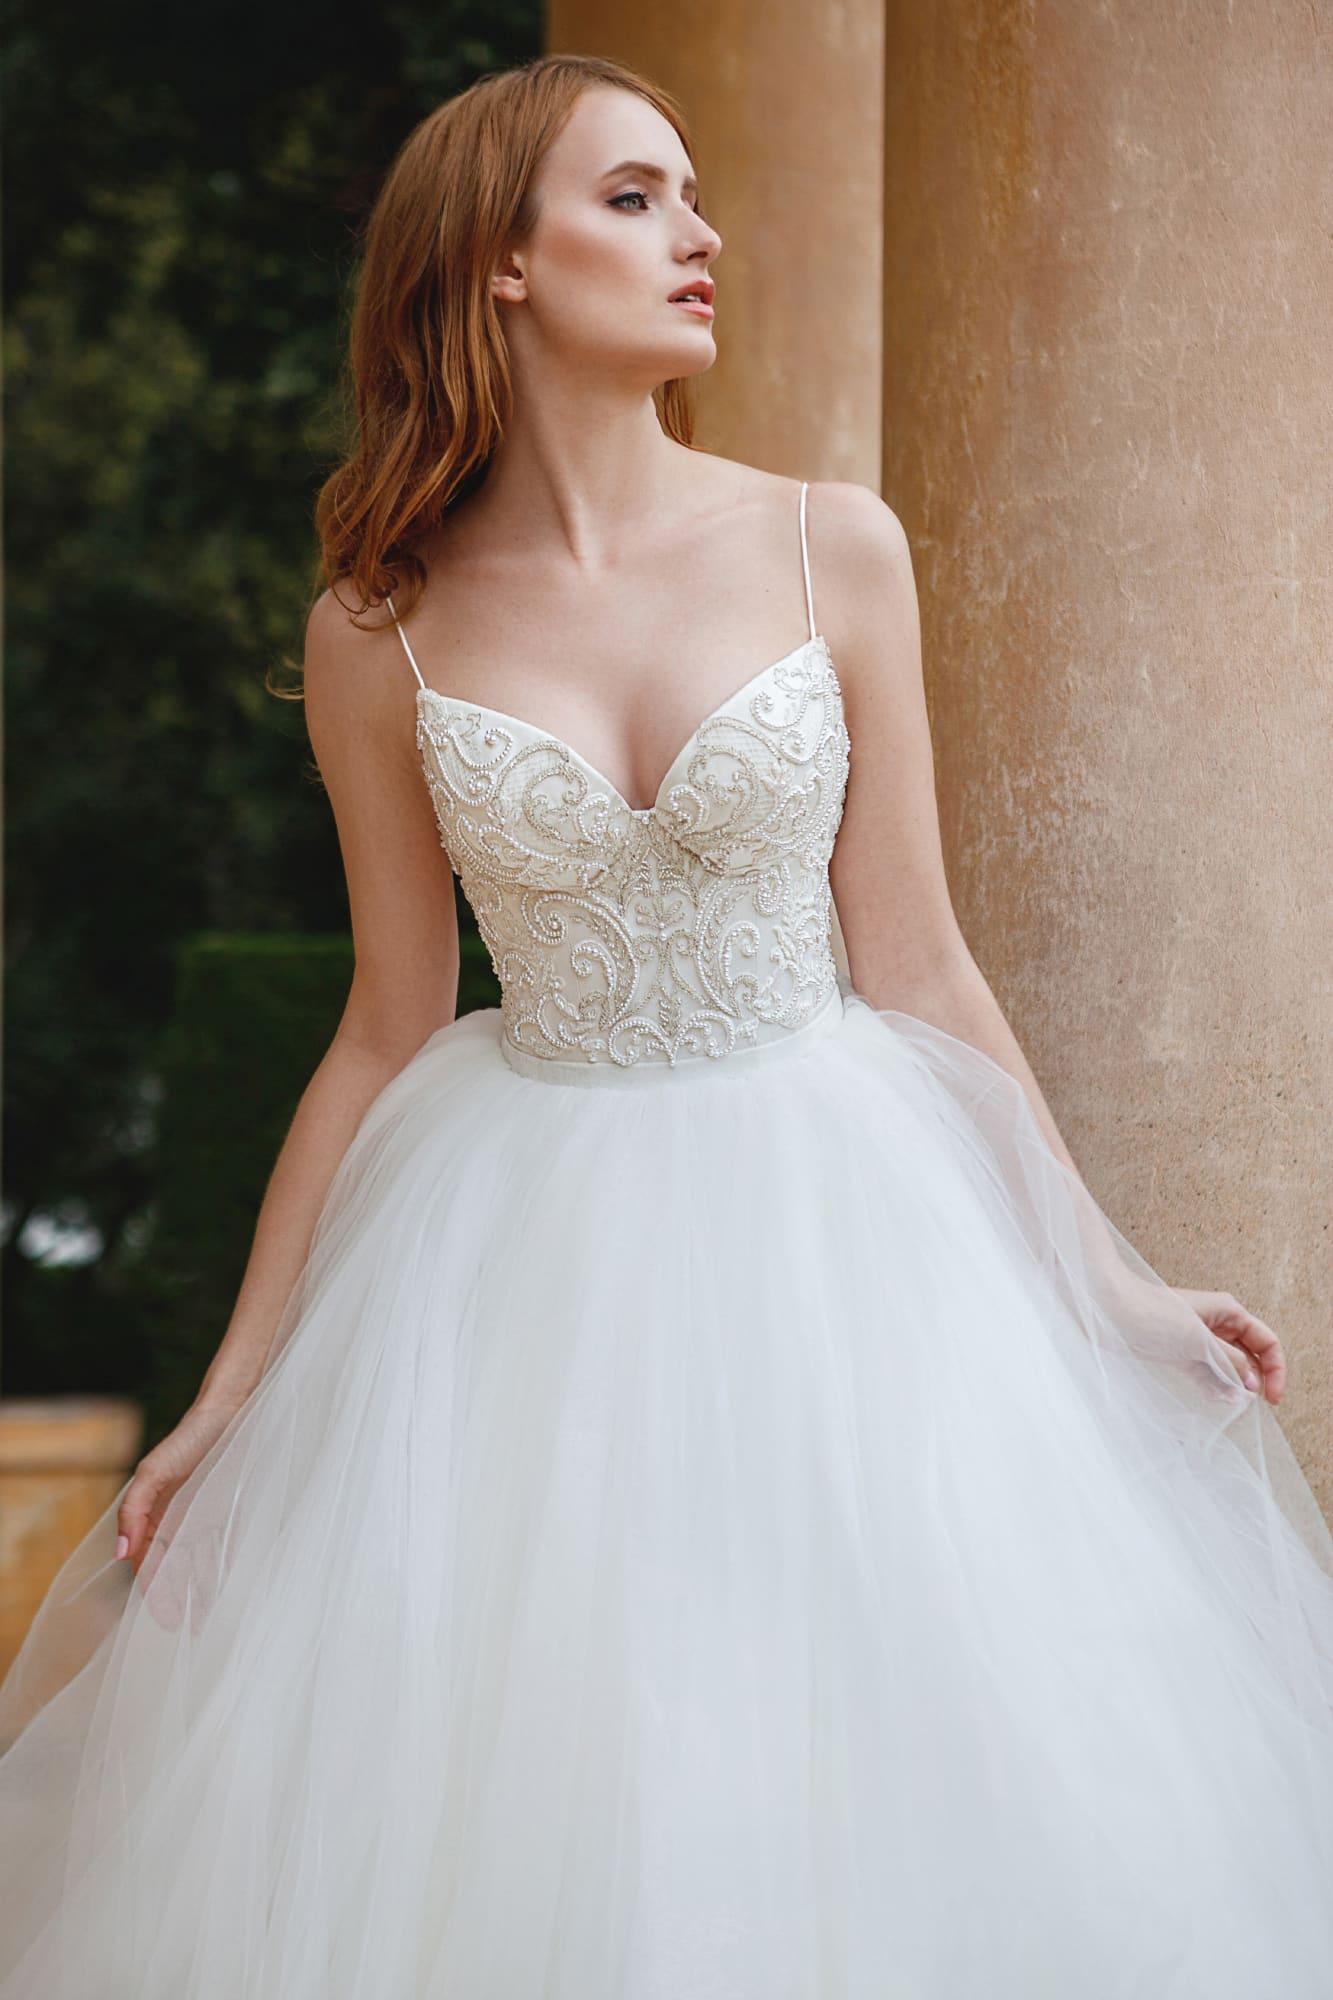 Пышное свадебное платье с фактурным корсетом, дополненным бретелями-спагетти.